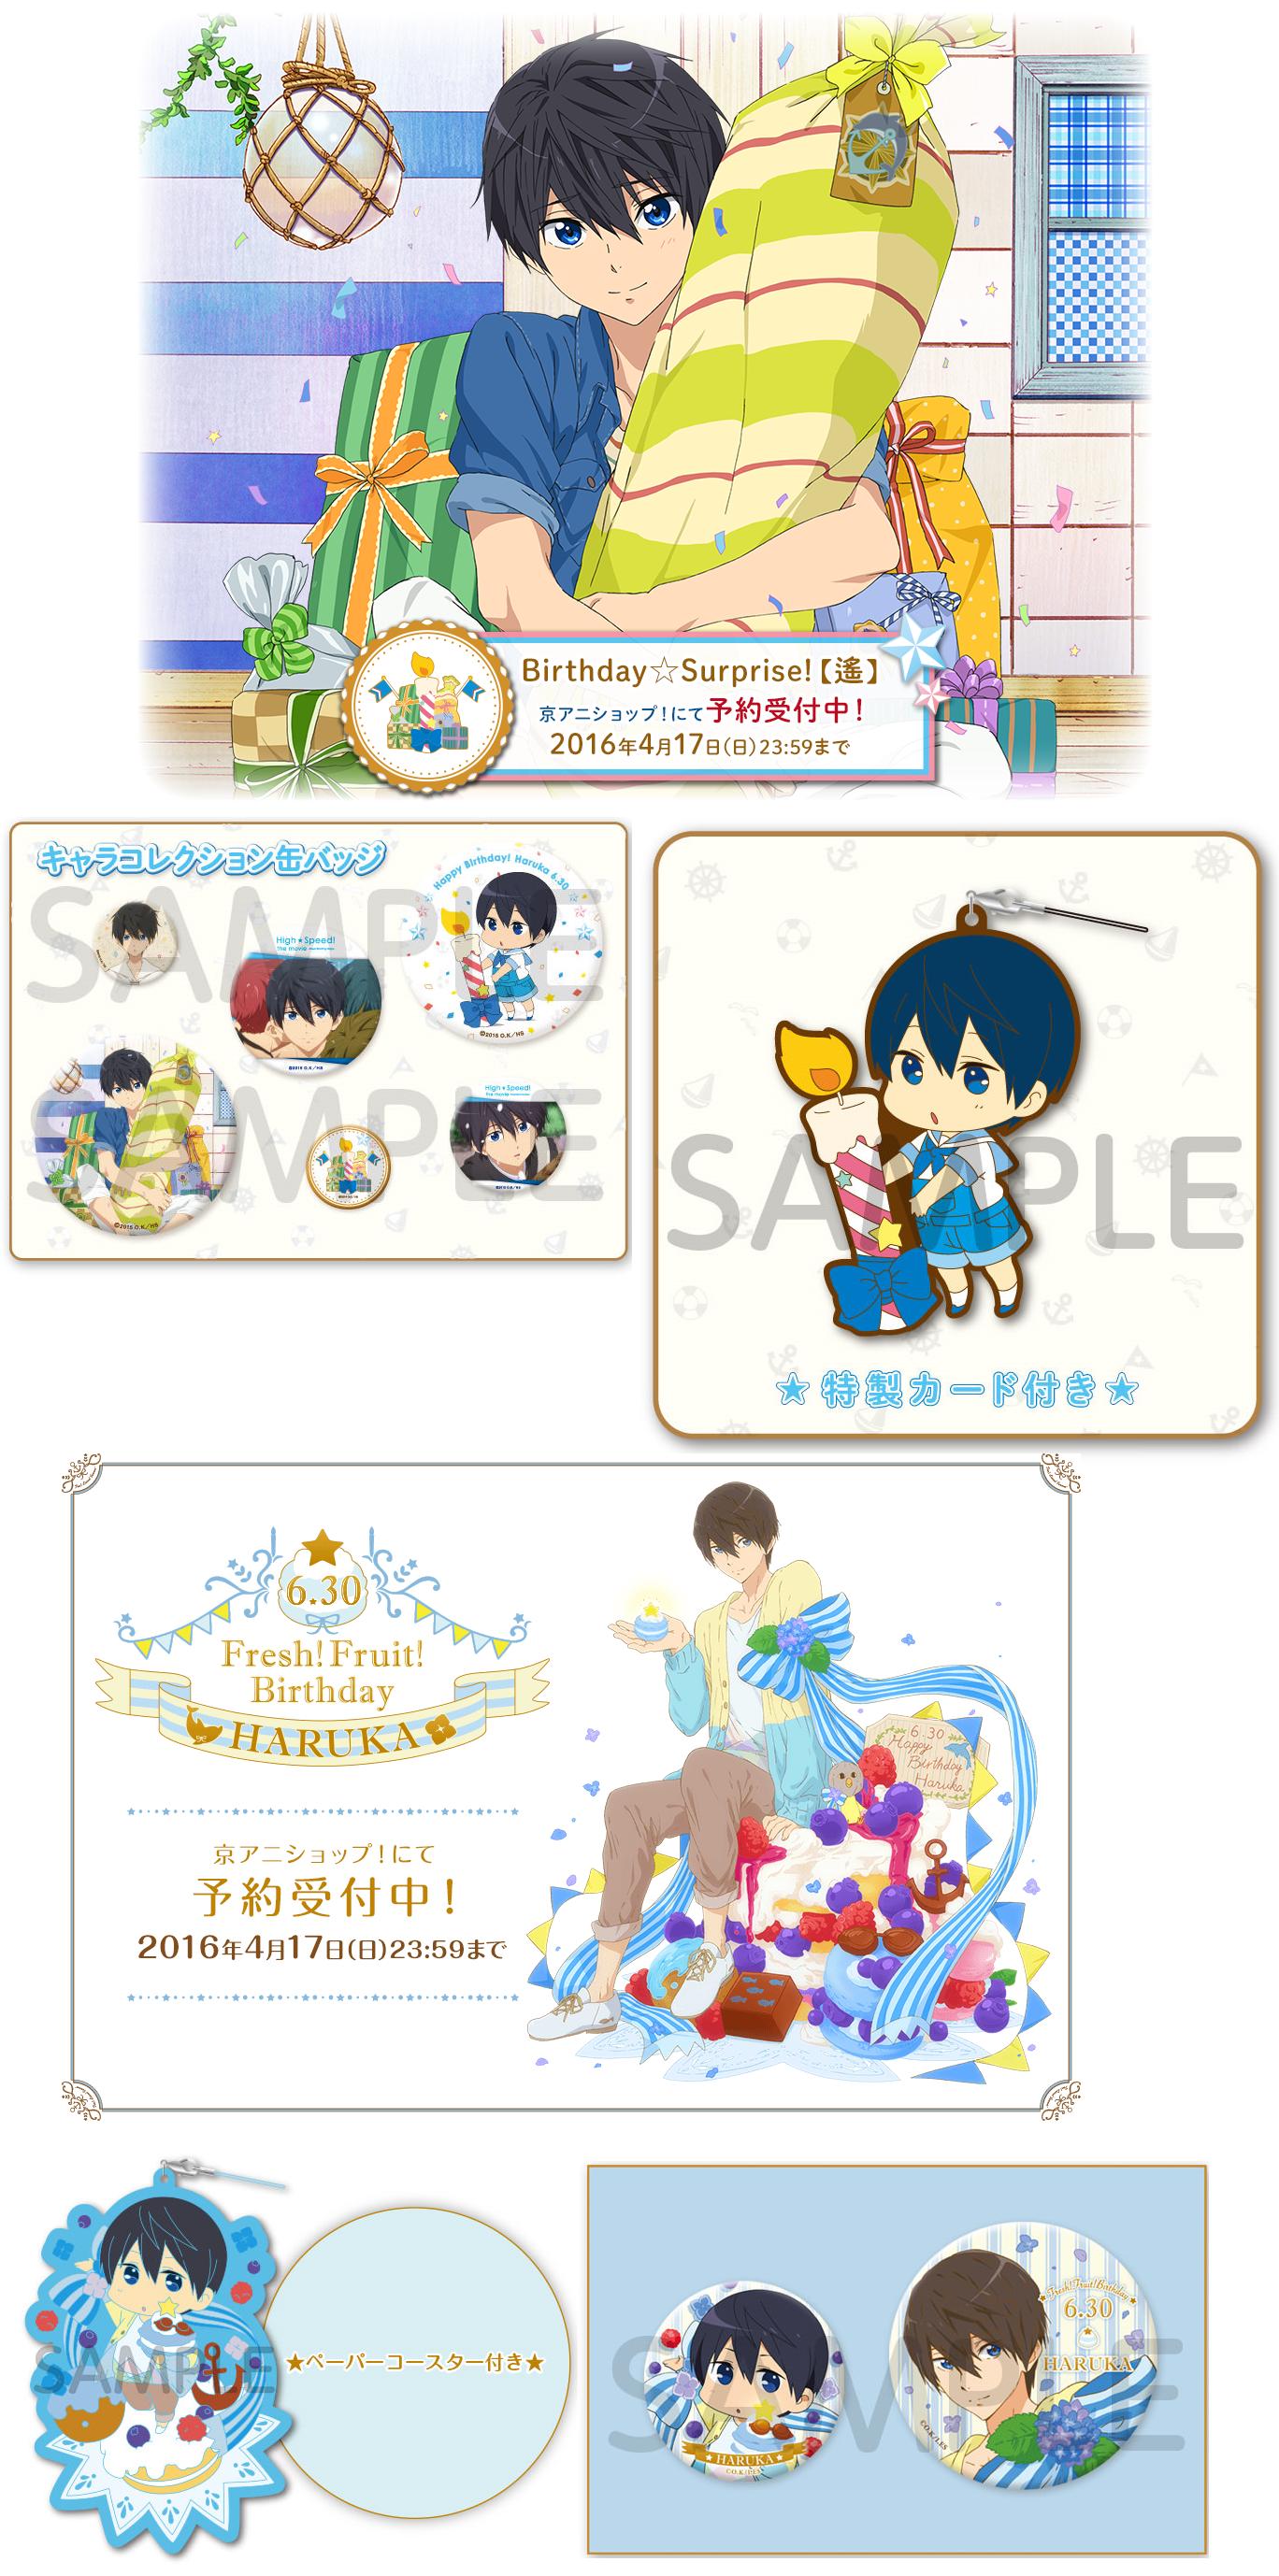 Birthday goods ...  Free! - Iwatobi Swim Club, free!, iwatobi, haruka nanase, haru nanase, haru, haruka, nanase